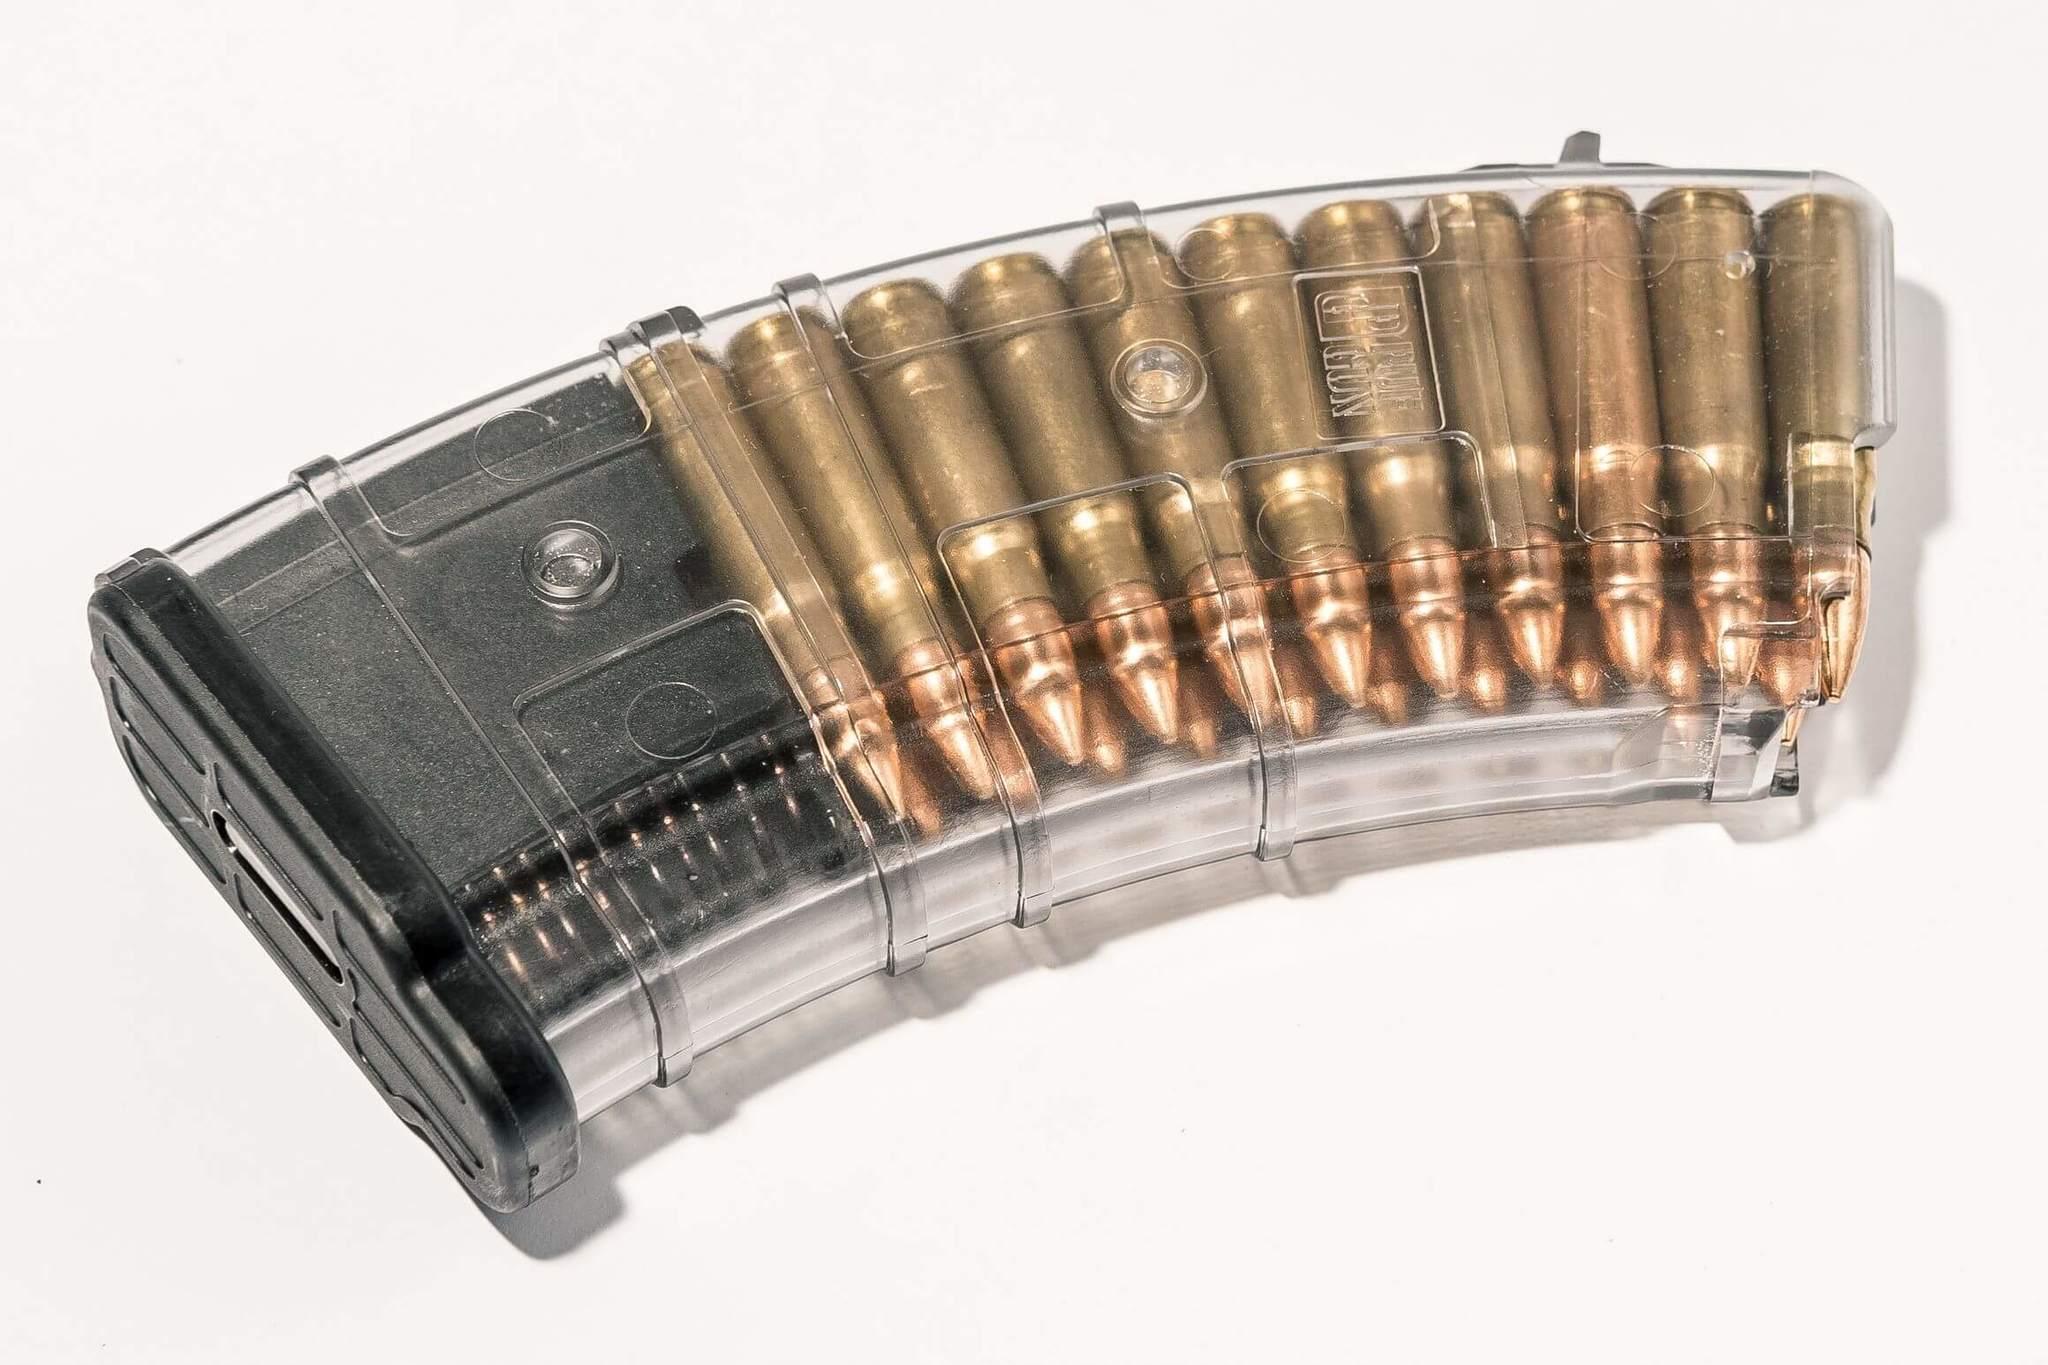 Магазин Pufgun для АКМ 7.62x39 ВПО-136 ВПО-209 на 20, прозрачный